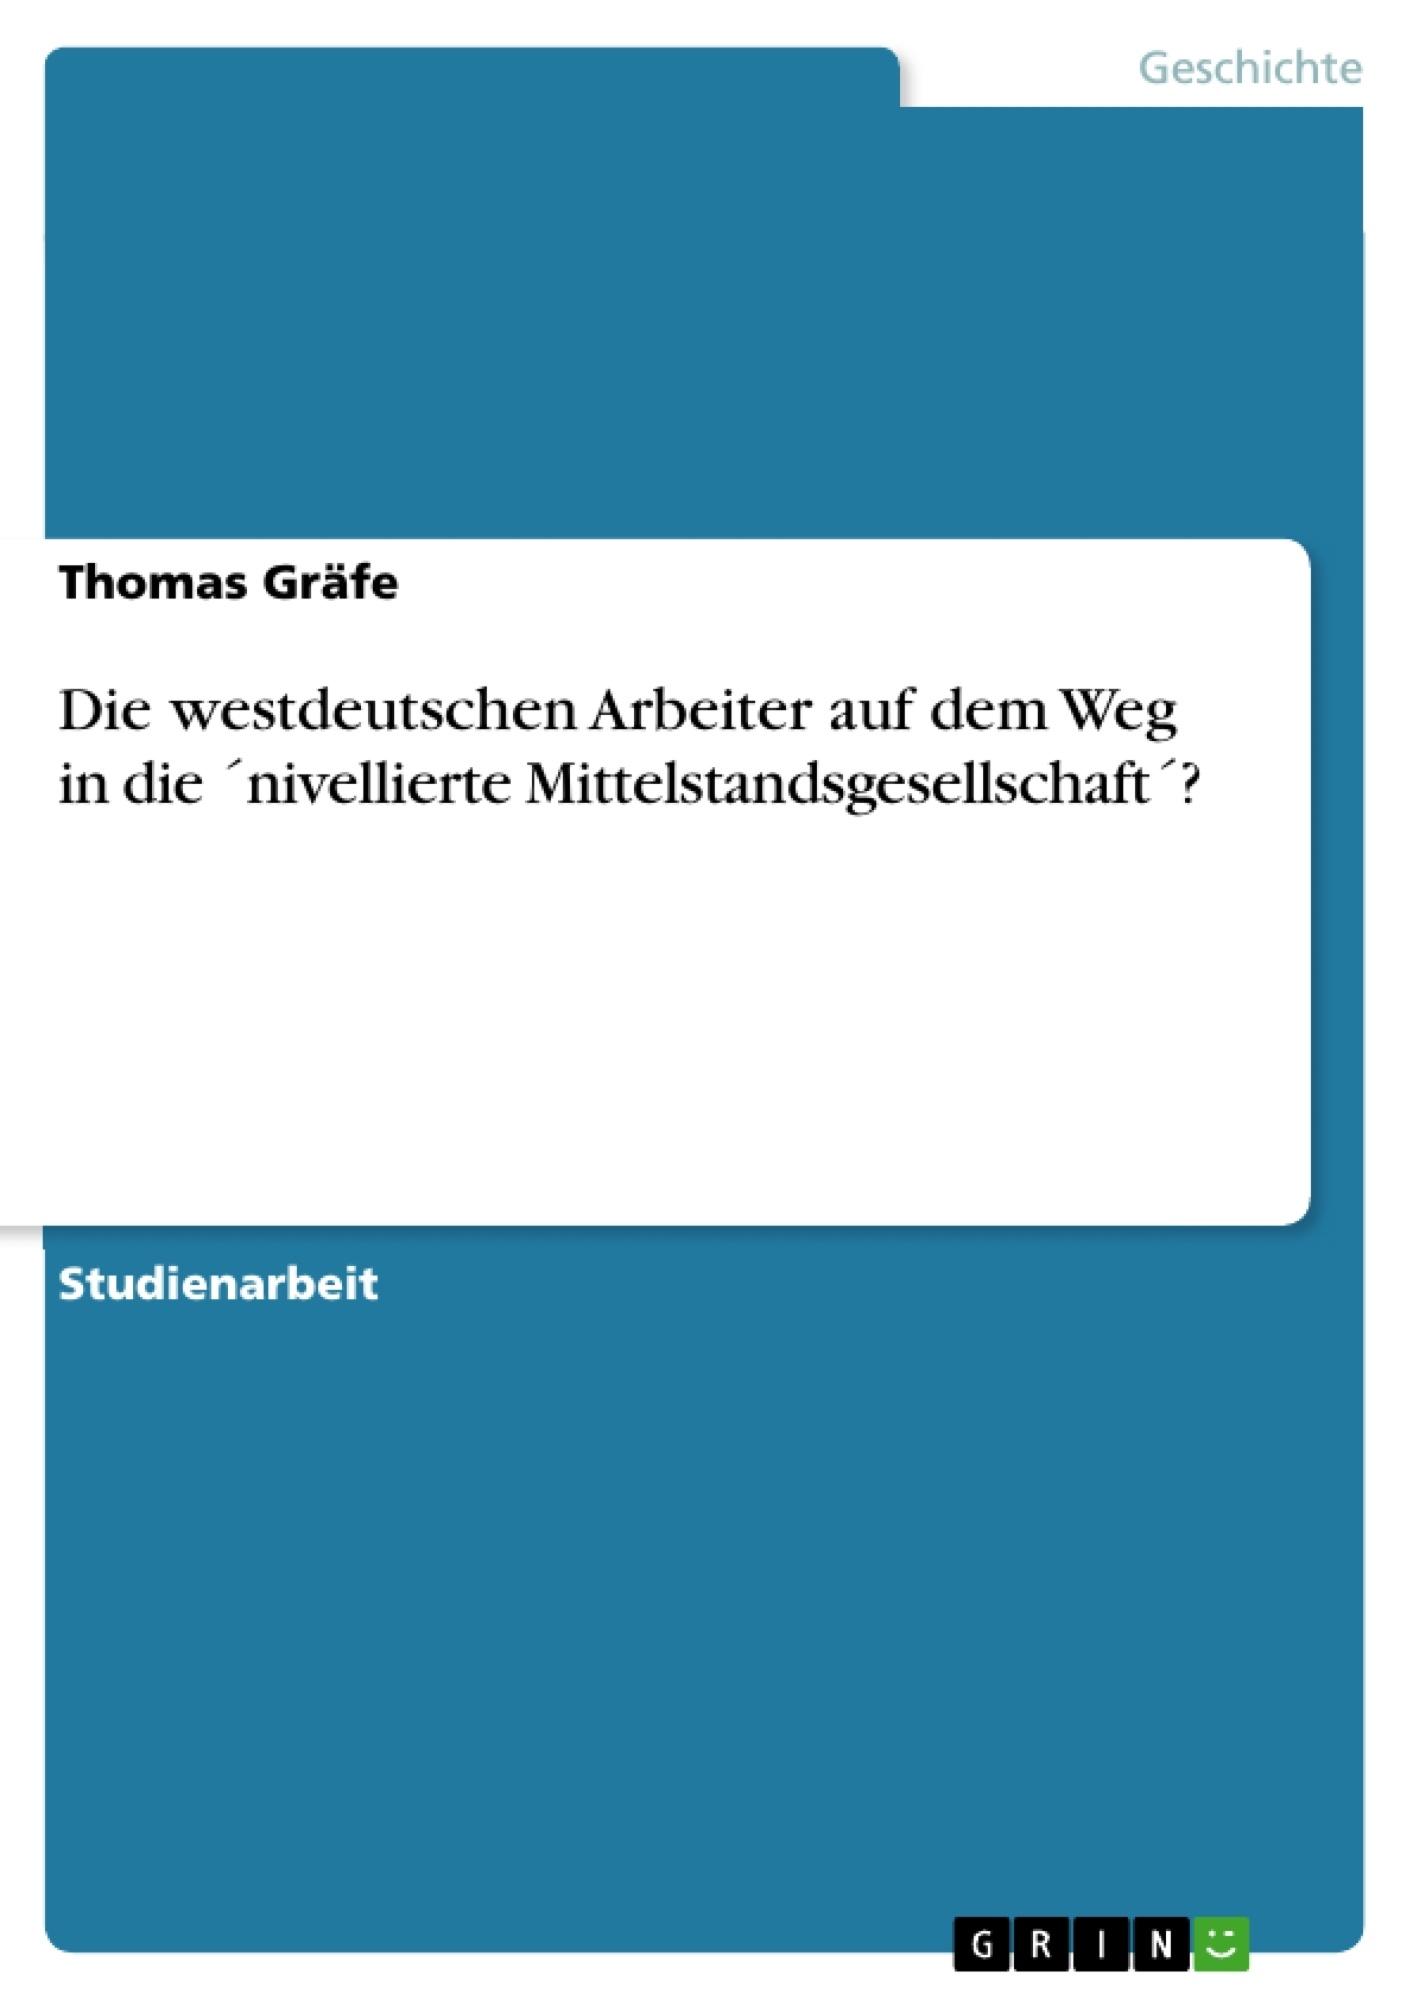 Titel: Die westdeutschen Arbeiter auf dem Weg in die ´nivellierte Mittelstandsgesellschaft´?